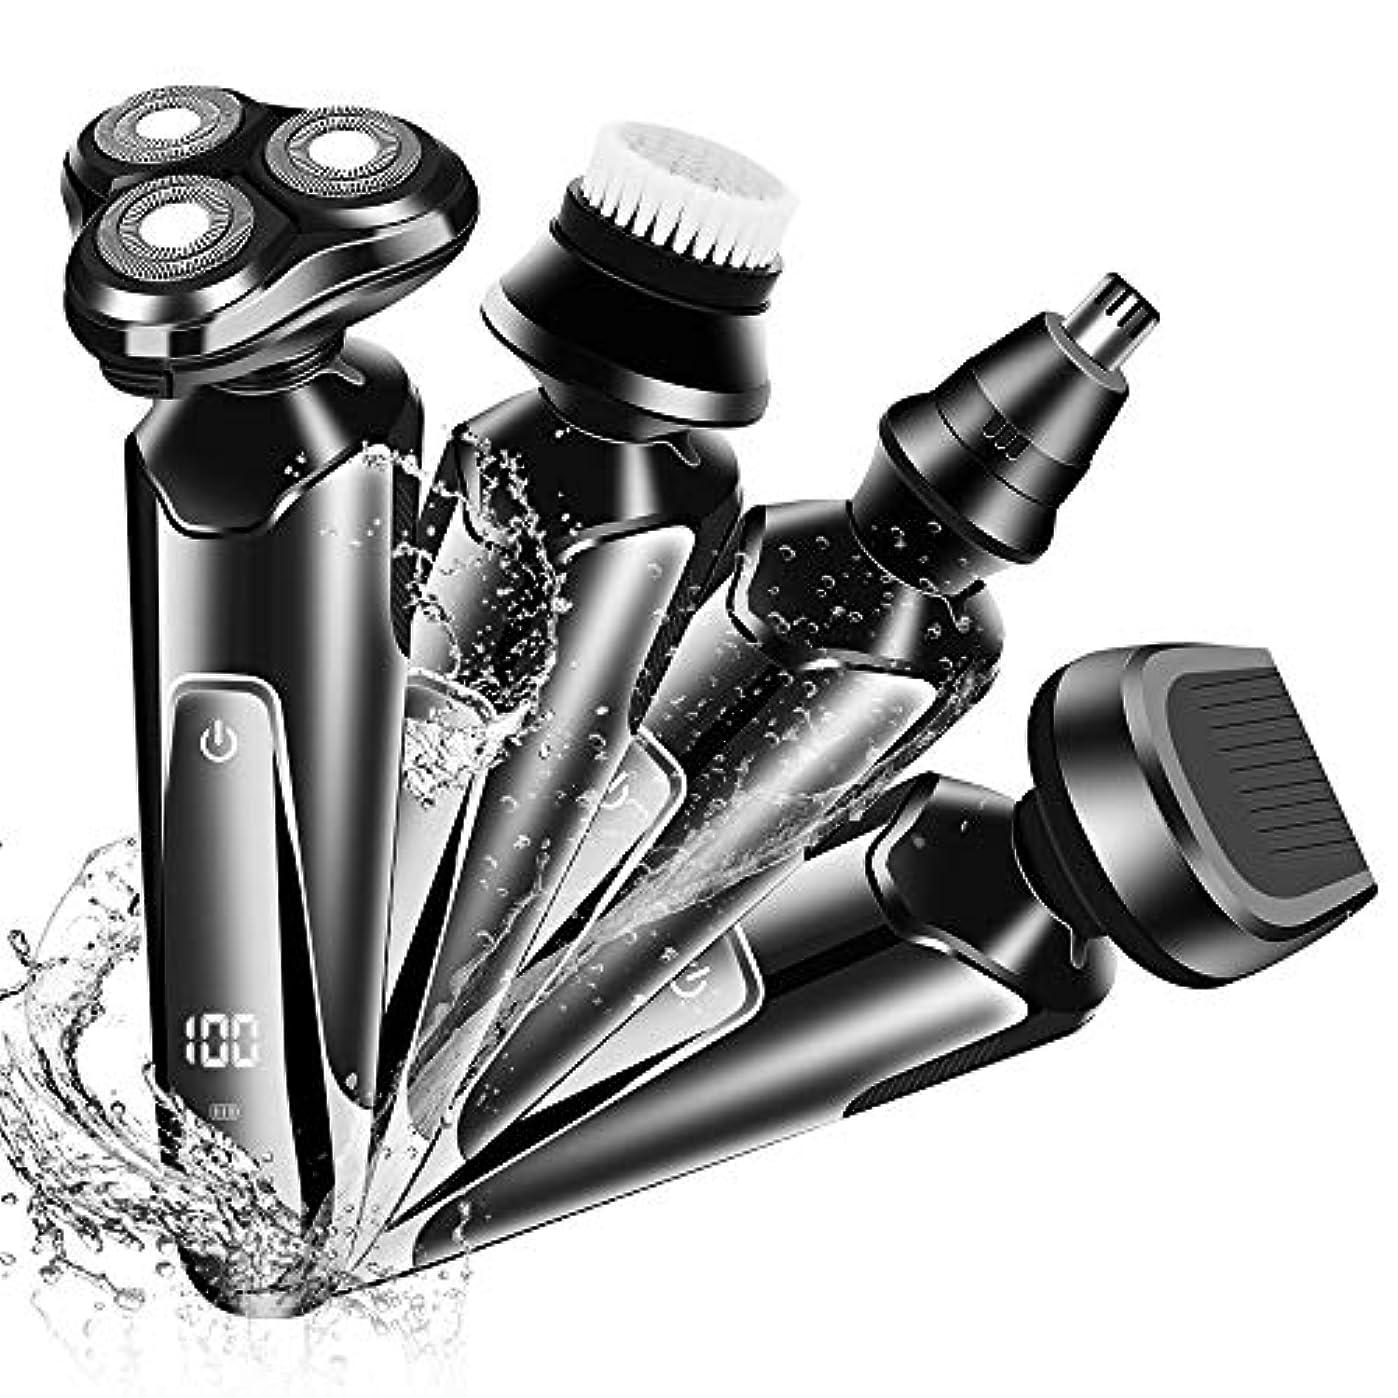 敏感な光沢のある目的A-tion メンズシェーバー 多機能 シェーバー 電気シェーバー 電動ひげそり 電気カミソリ 3枚刃回転式 水洗い可 USB充電 4in1 髭剃り、鼻毛カッター、トリマー、洗顔ブラシ付き